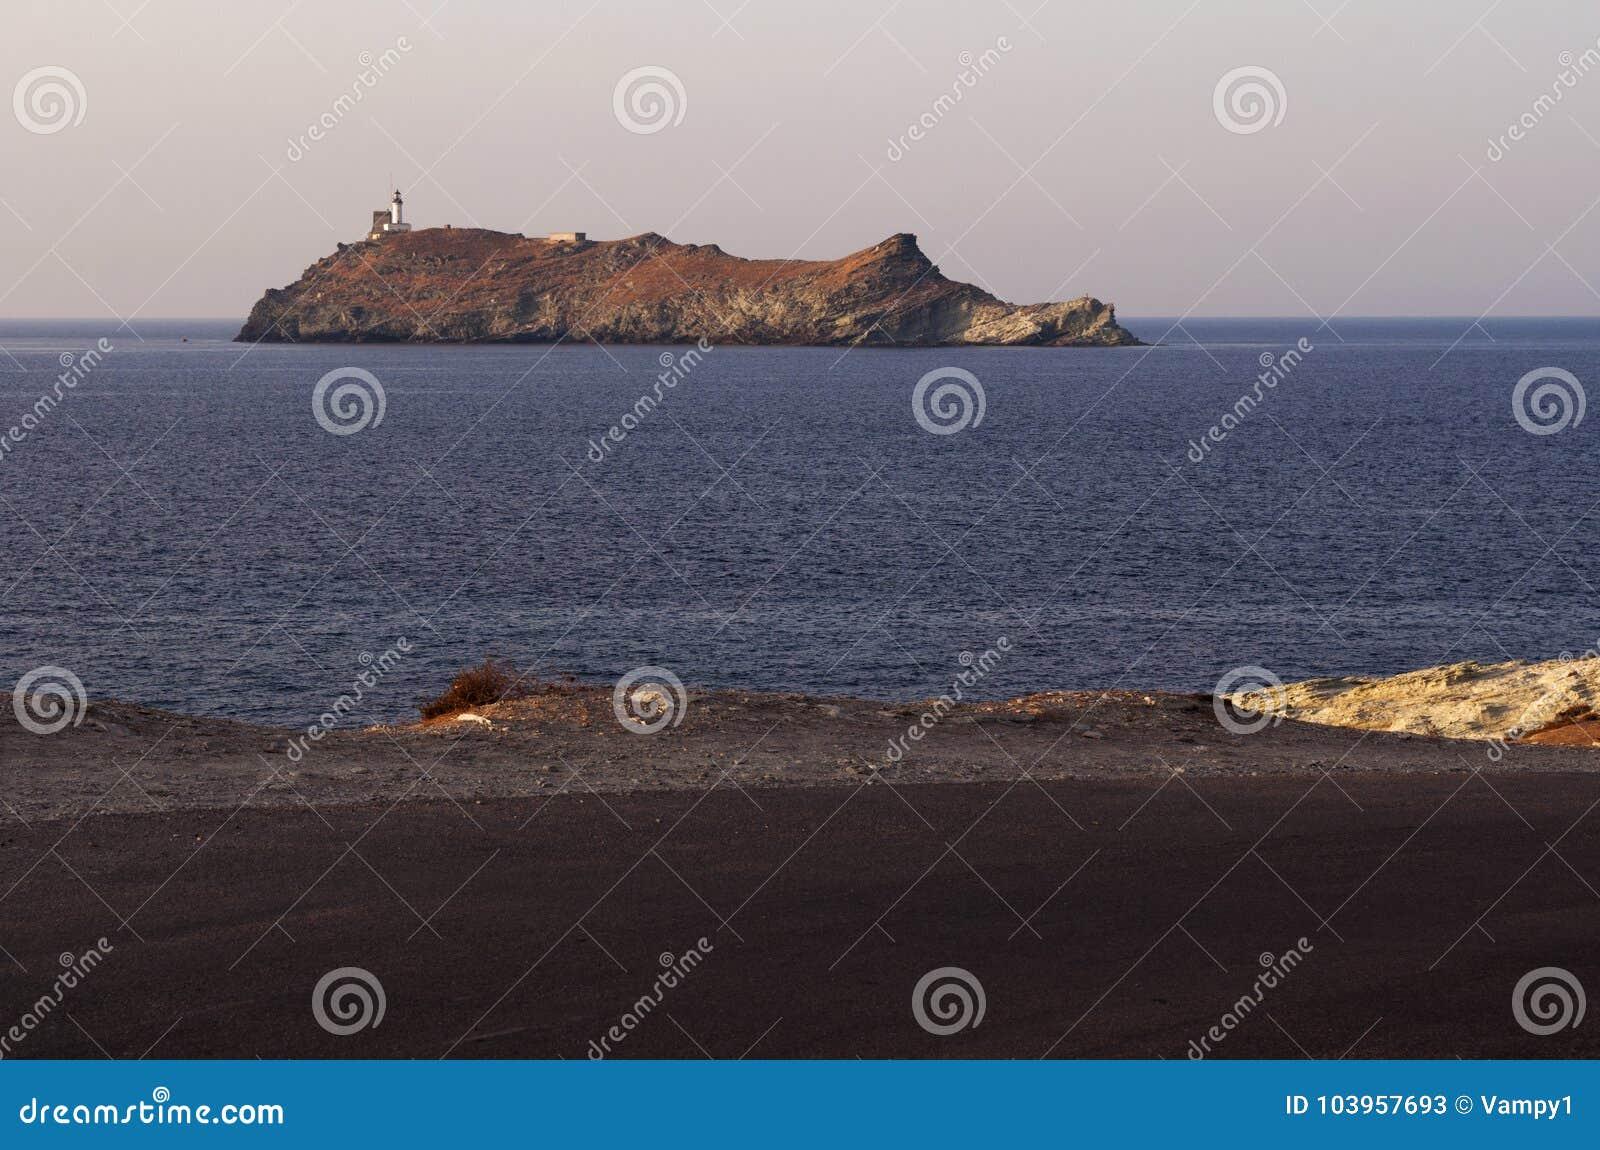 Ile de la Giraglia, Giraglia island, lighthouse, Barcaggio, Ersa, Cap Corse, Cape Corse, Haute-Corse, Corsica, France, Europe